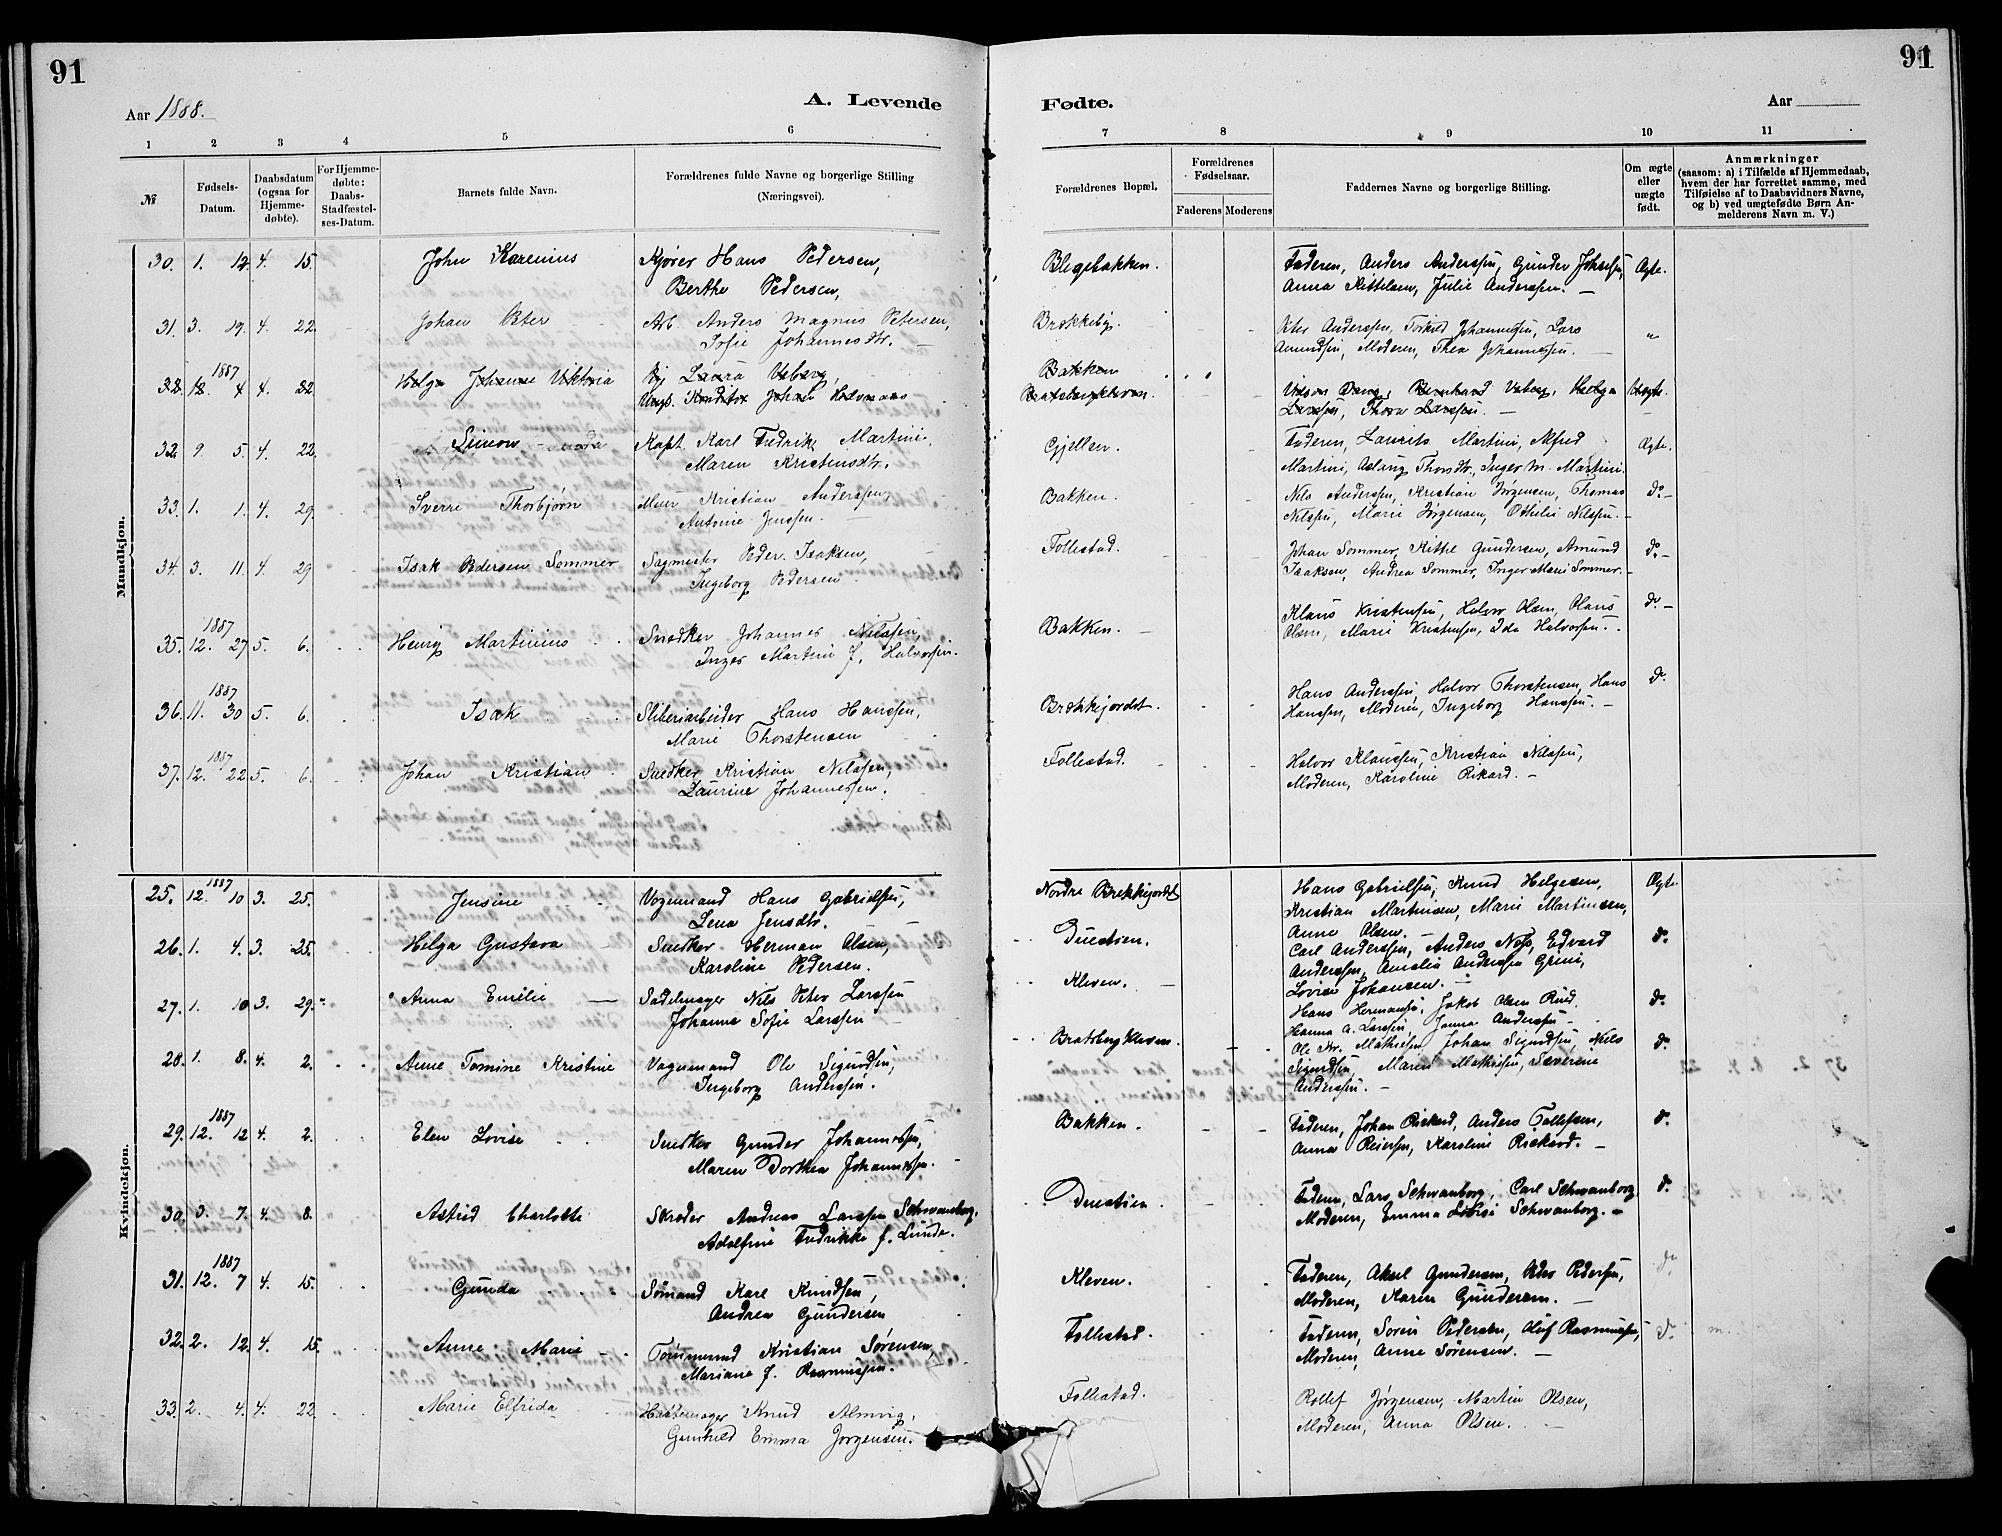 SAKO, Skien kirkebøker, G/Ga/L0006: Klokkerbok nr. 6, 1881-1890, s. 91